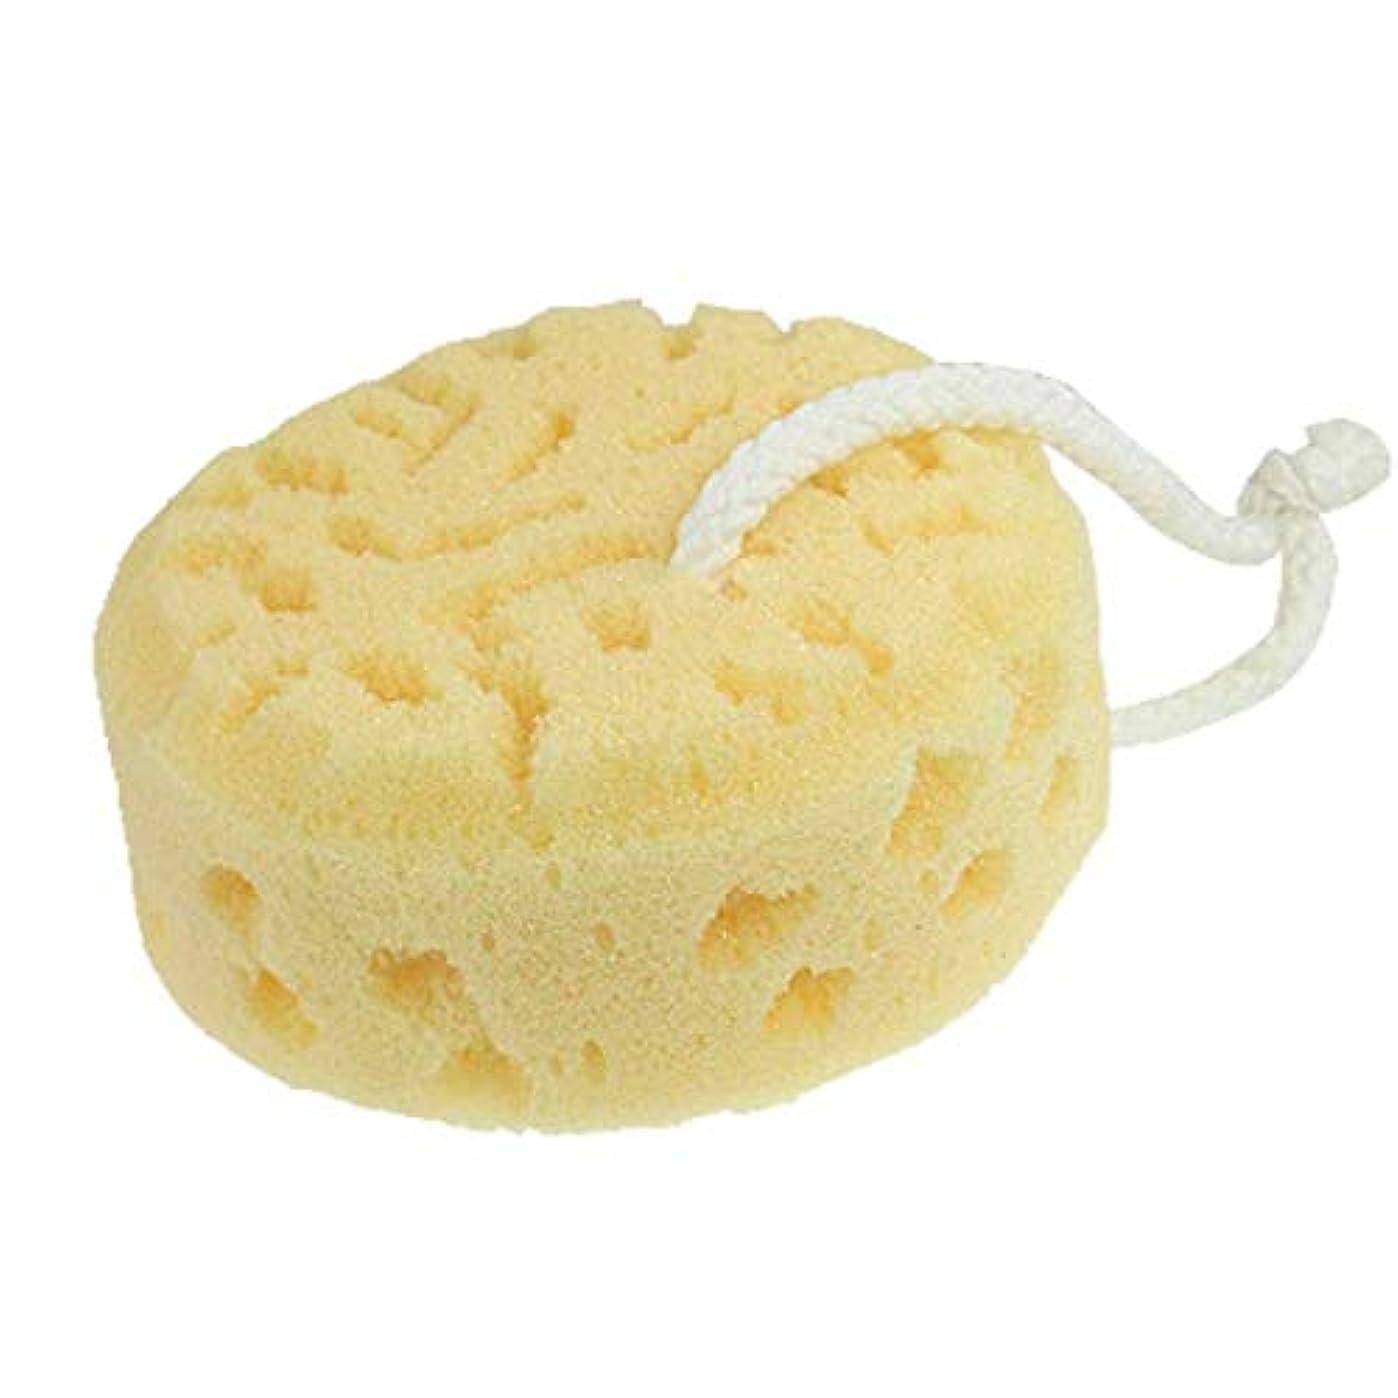 カップルマイクすることになっているUotyle ボディスポンジ 泡立ち ふわふわ お風呂用 ボディ用ブラシ 肌にやさしい 浴用スポンジ